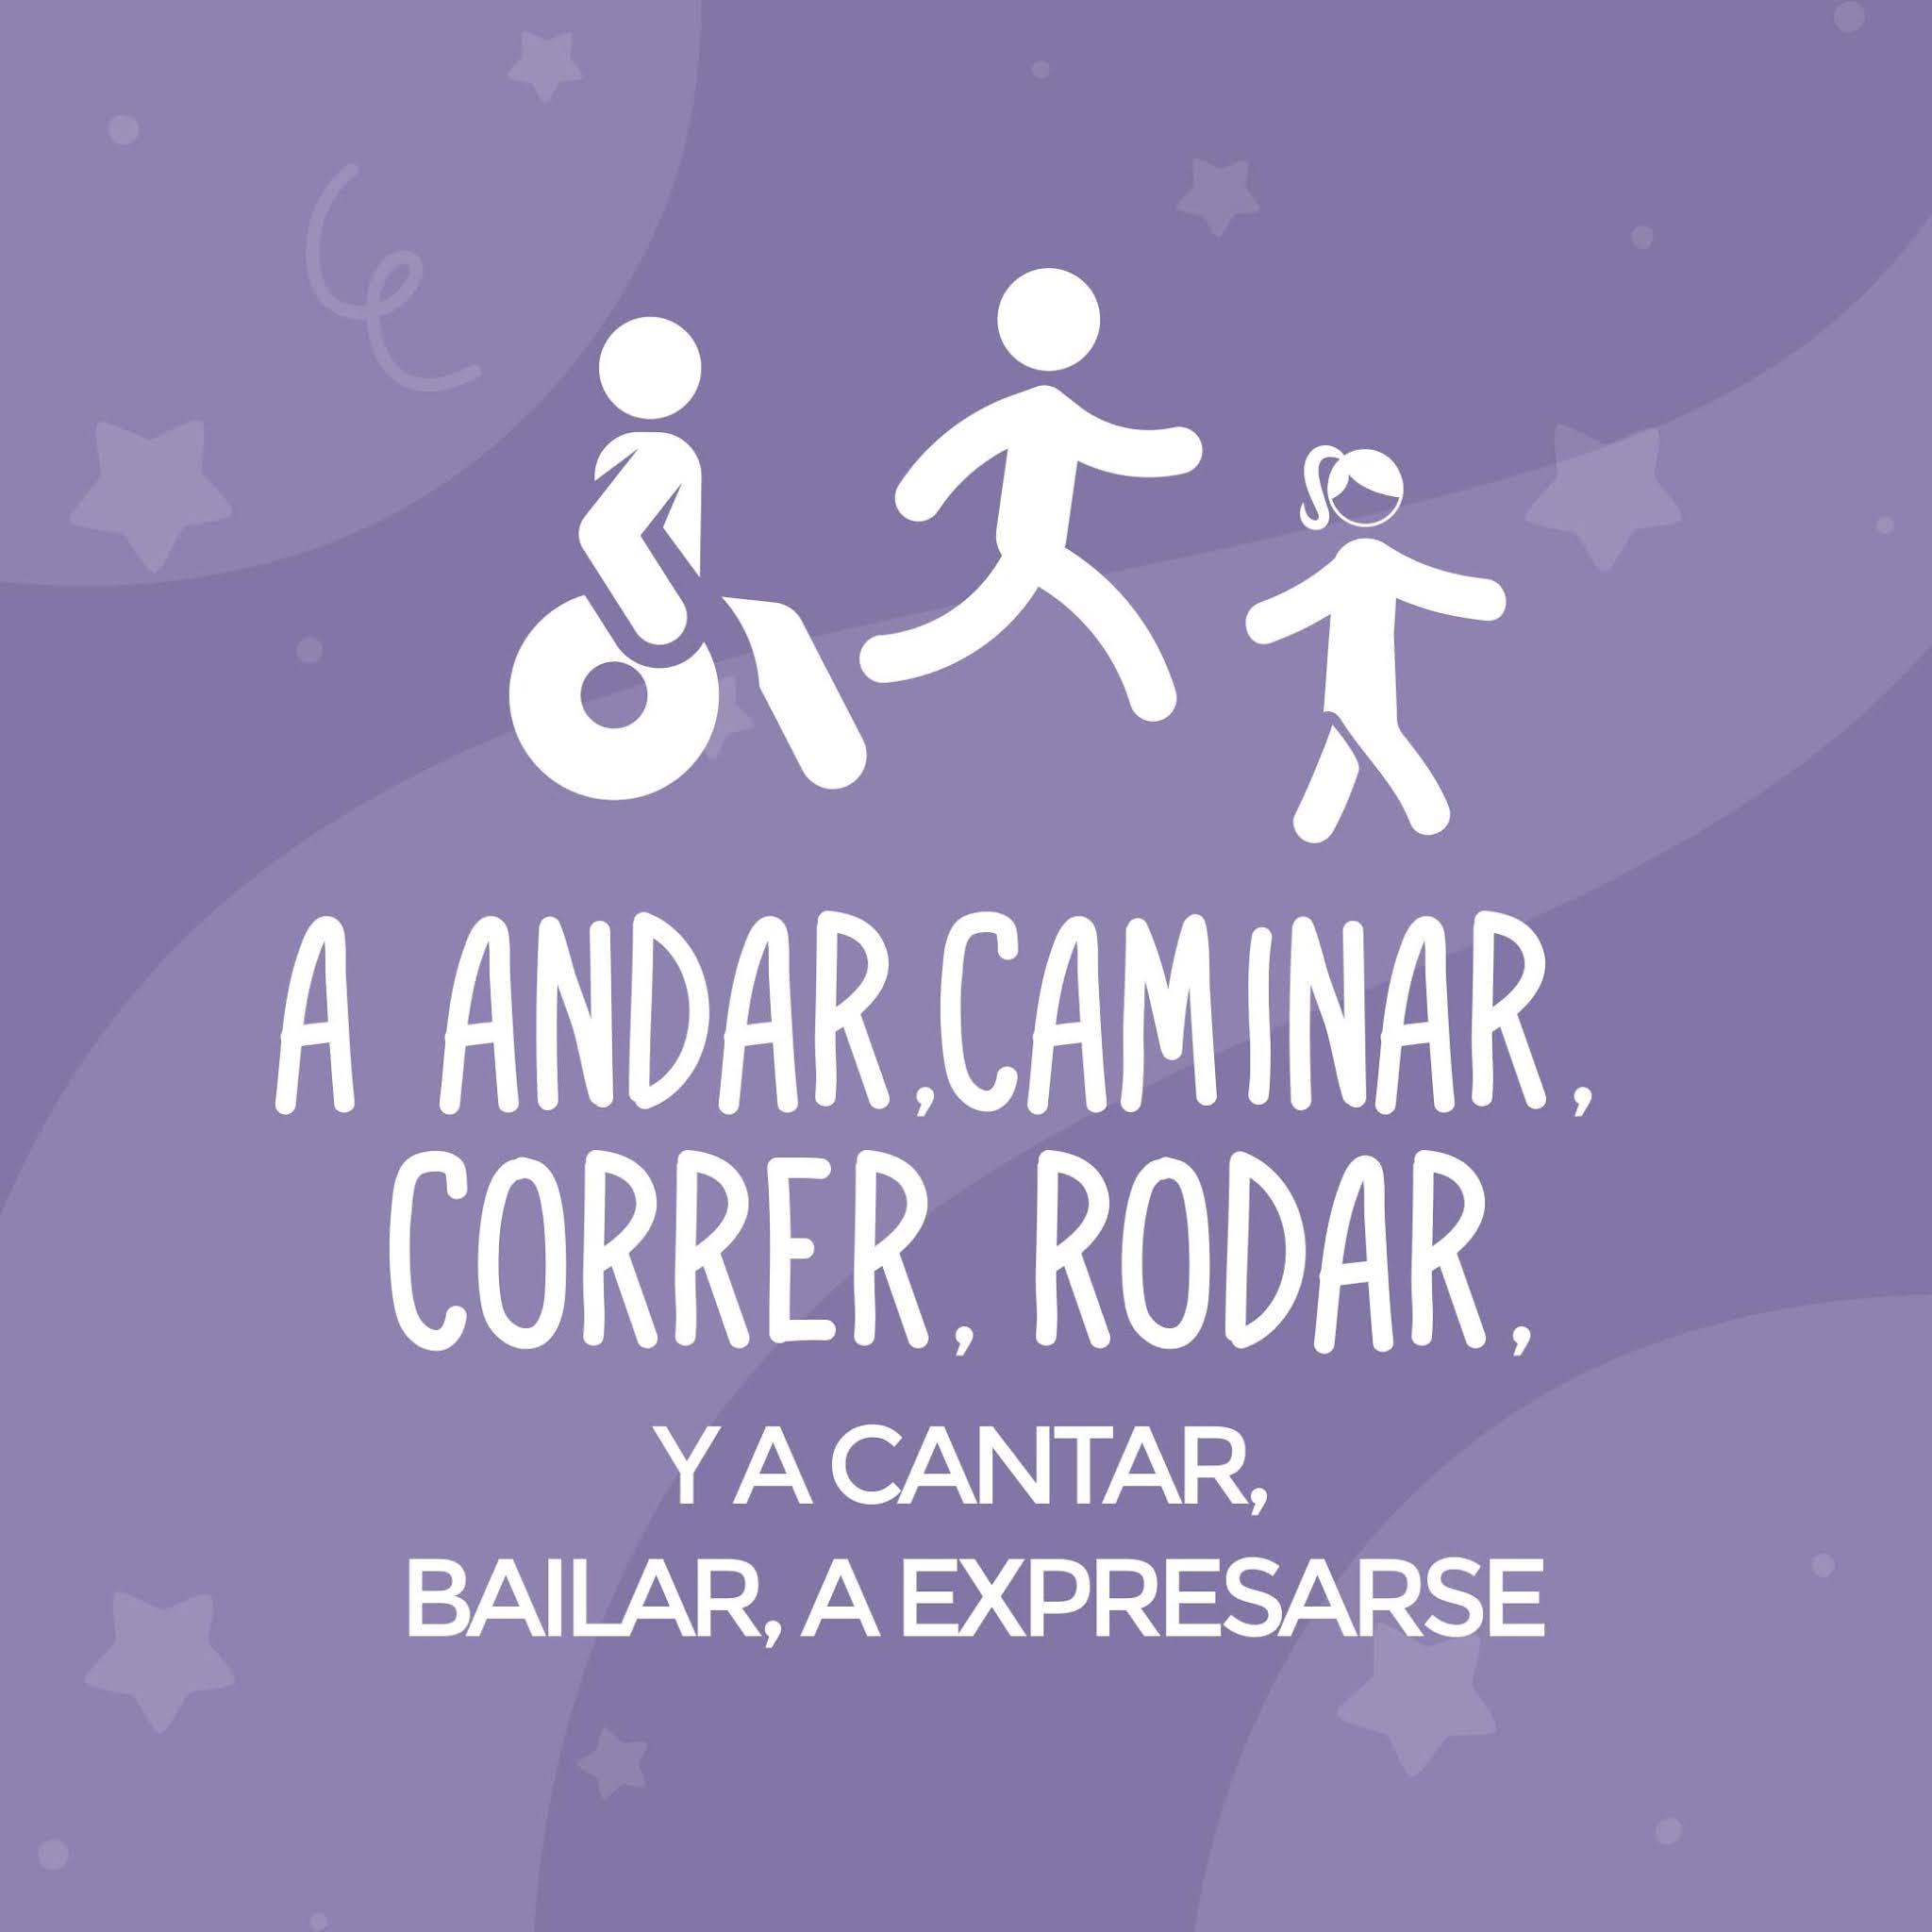 A andar, caminar, correr, rodar. Y a cantar, bailar, expresarse